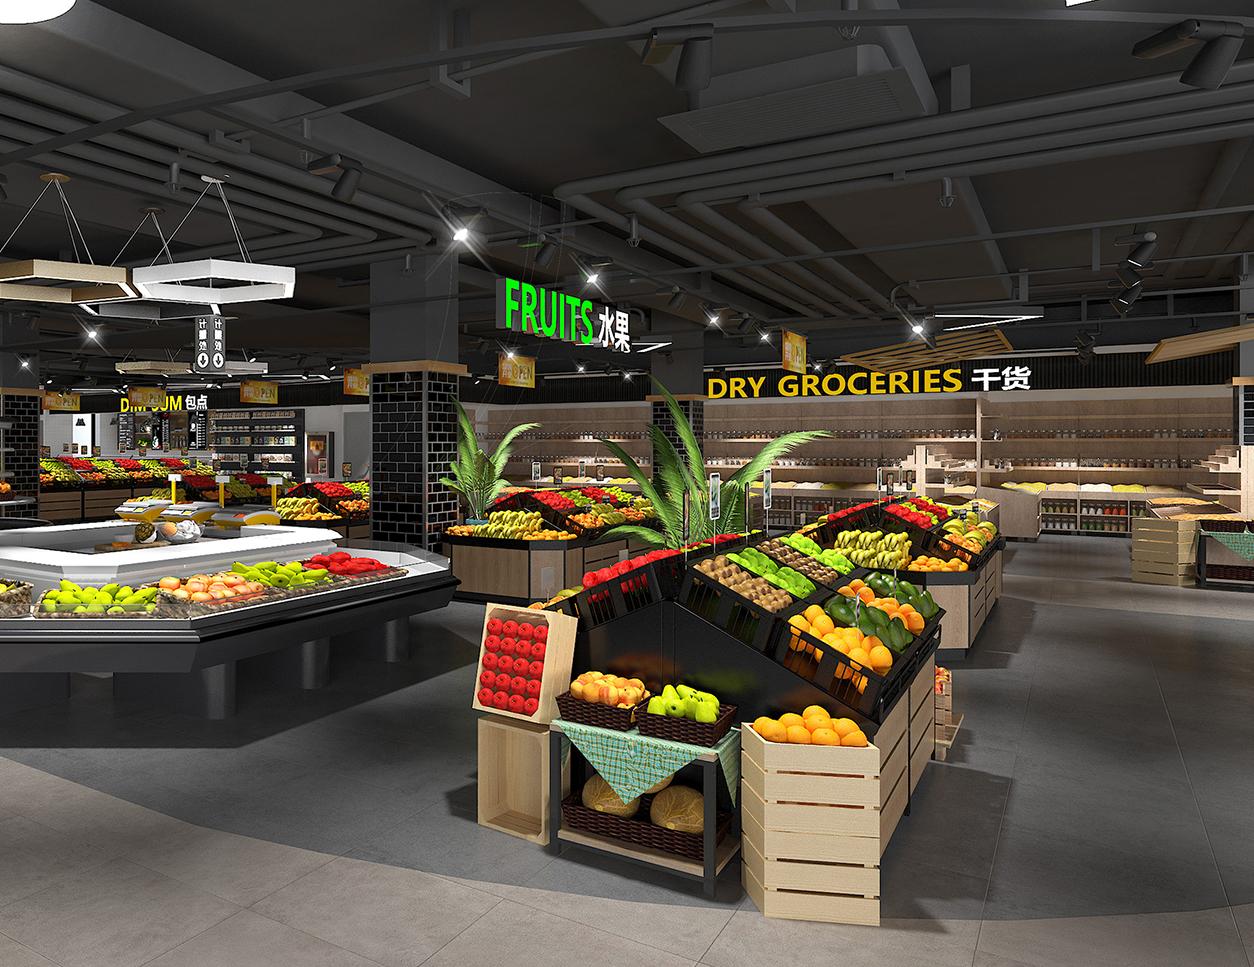 超市货架果蔬区